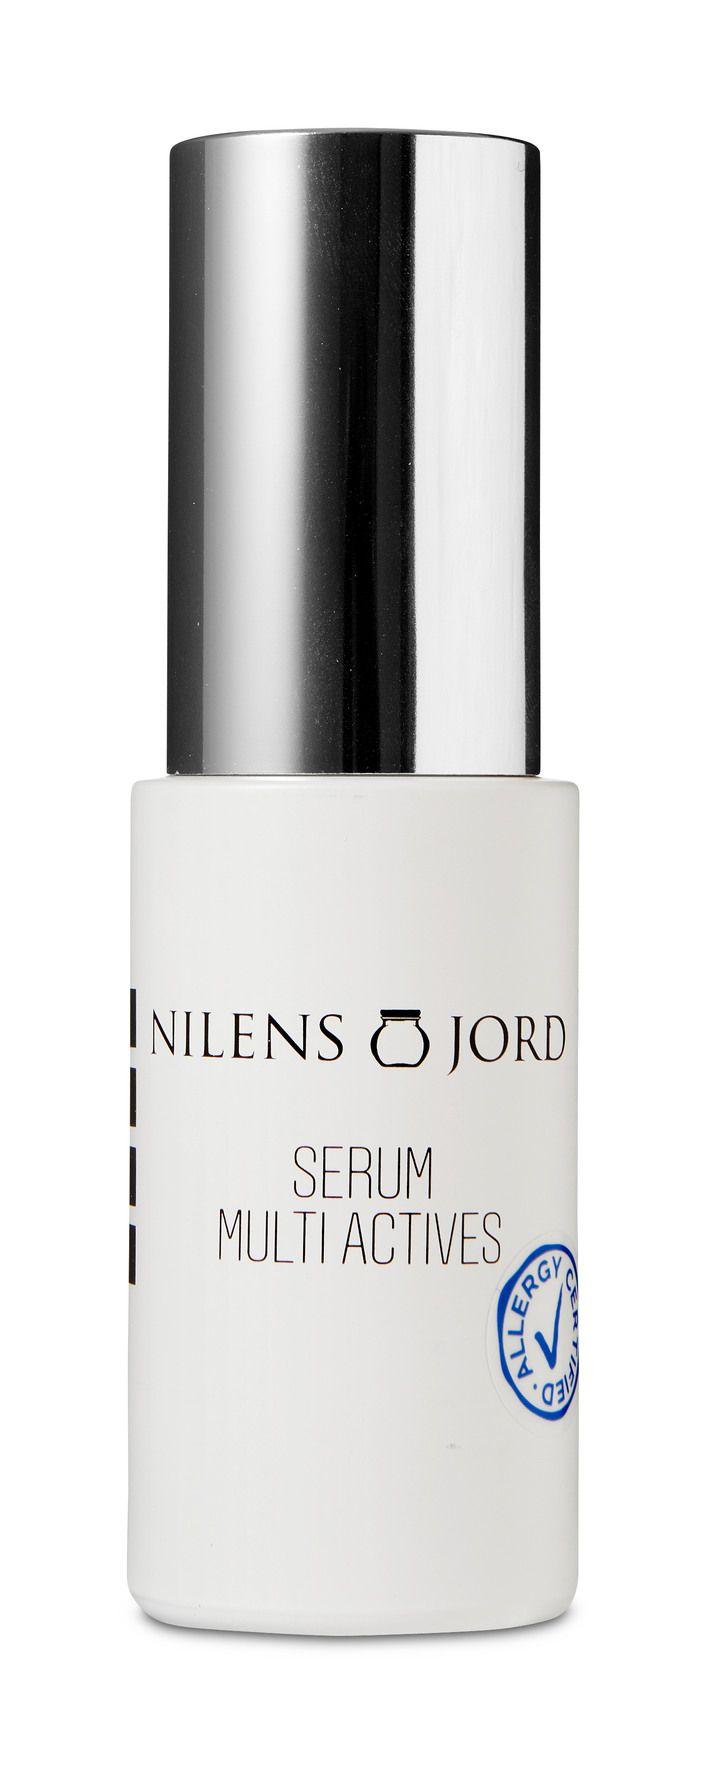 Eksklusivt serum med multi aktive virkestoffer fra vitaminer og mineraler, som effektivt optimerer effekten af den daglige ansigtscreme og bevarer en sund og balanceret tilstand i huden. Eksklusiv formel med naturlig hyaluronsyre, som binder fugten til hudens celler og har en effektiv fugtighedsbevarende effekt. Serum Multi Actives påføres huden før fugtighedscreme og øjencreme. Indeholder ikke parfume, æteriske olier, parabener og nano.